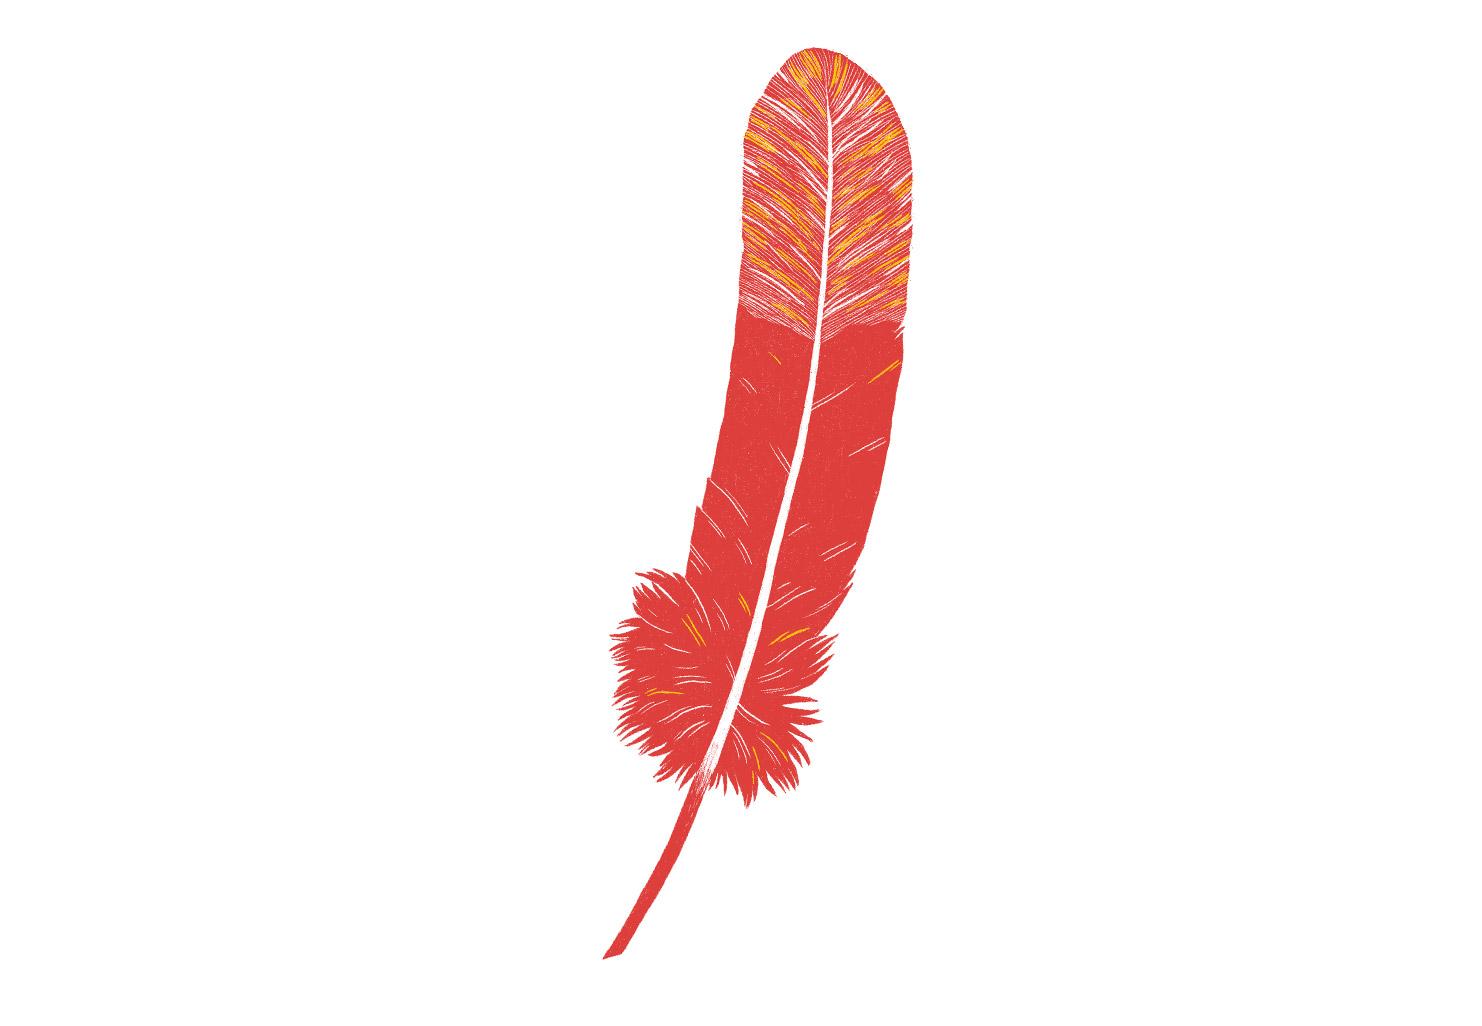 Enjeux autochtones: mieux transmettre